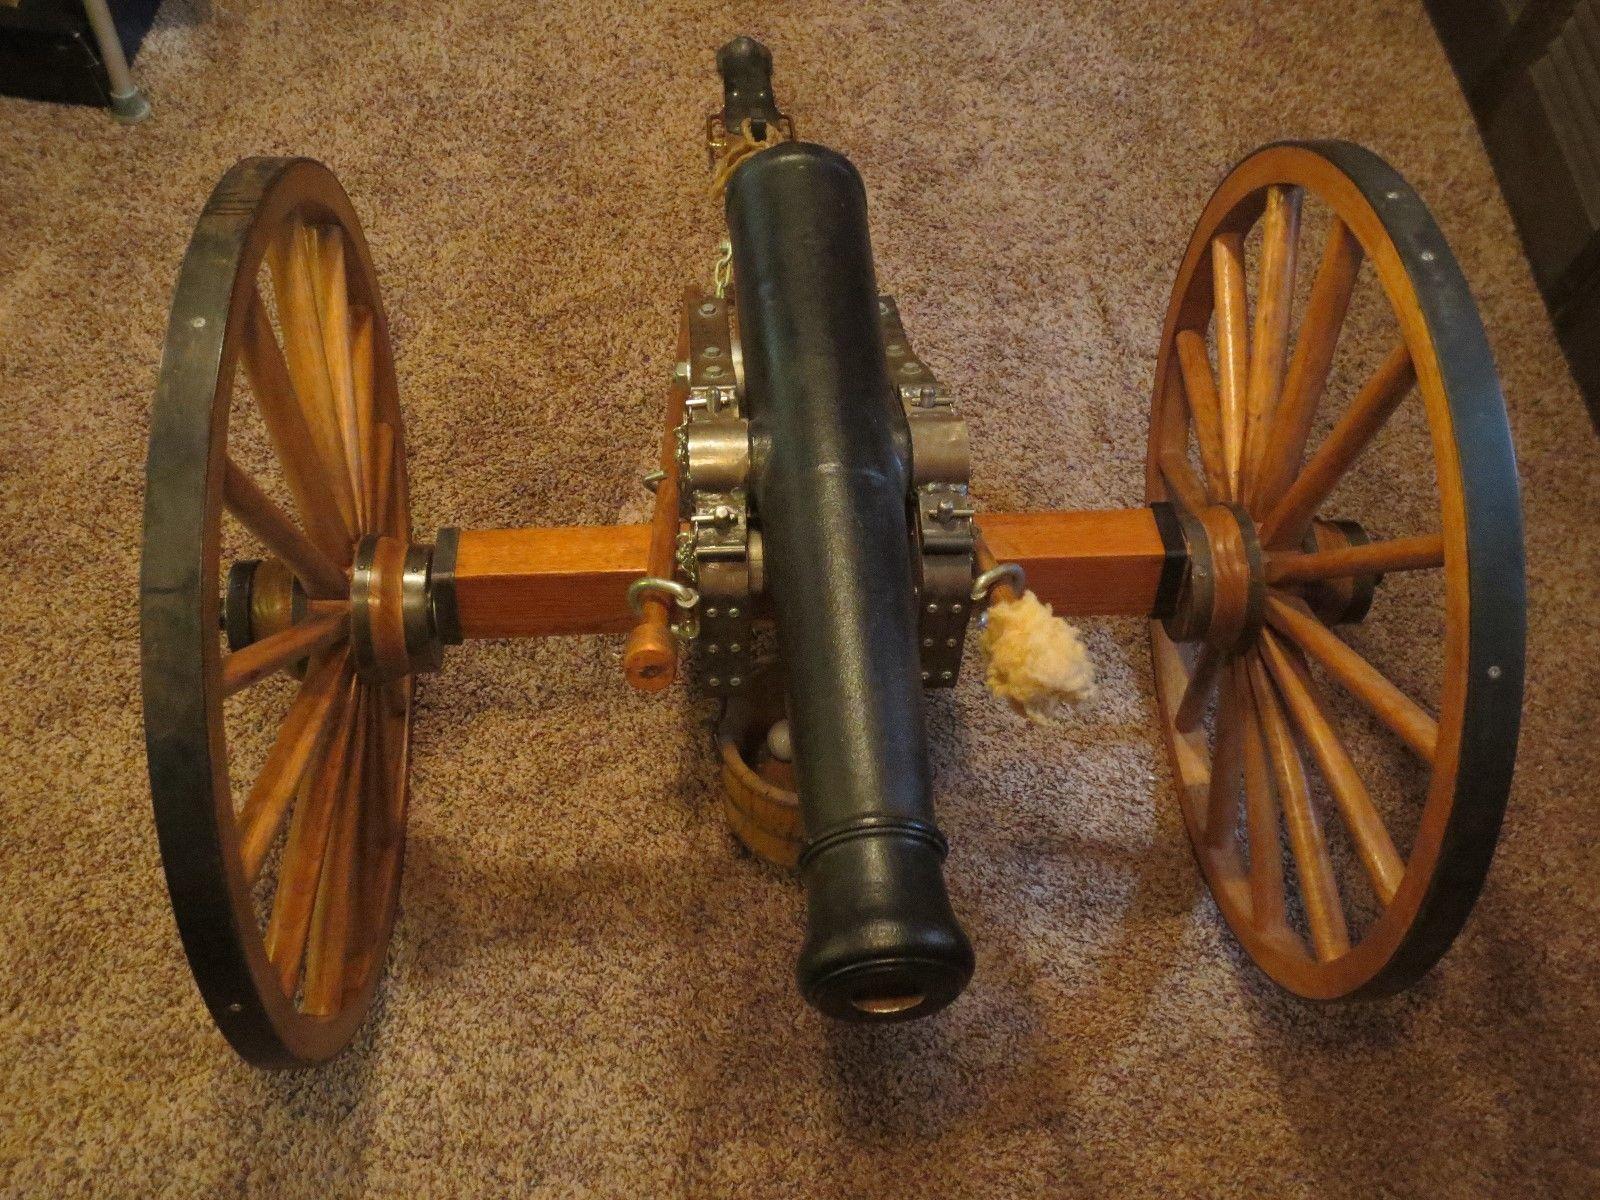 half scale 6 pounder. Black powder Details about  /Cannon